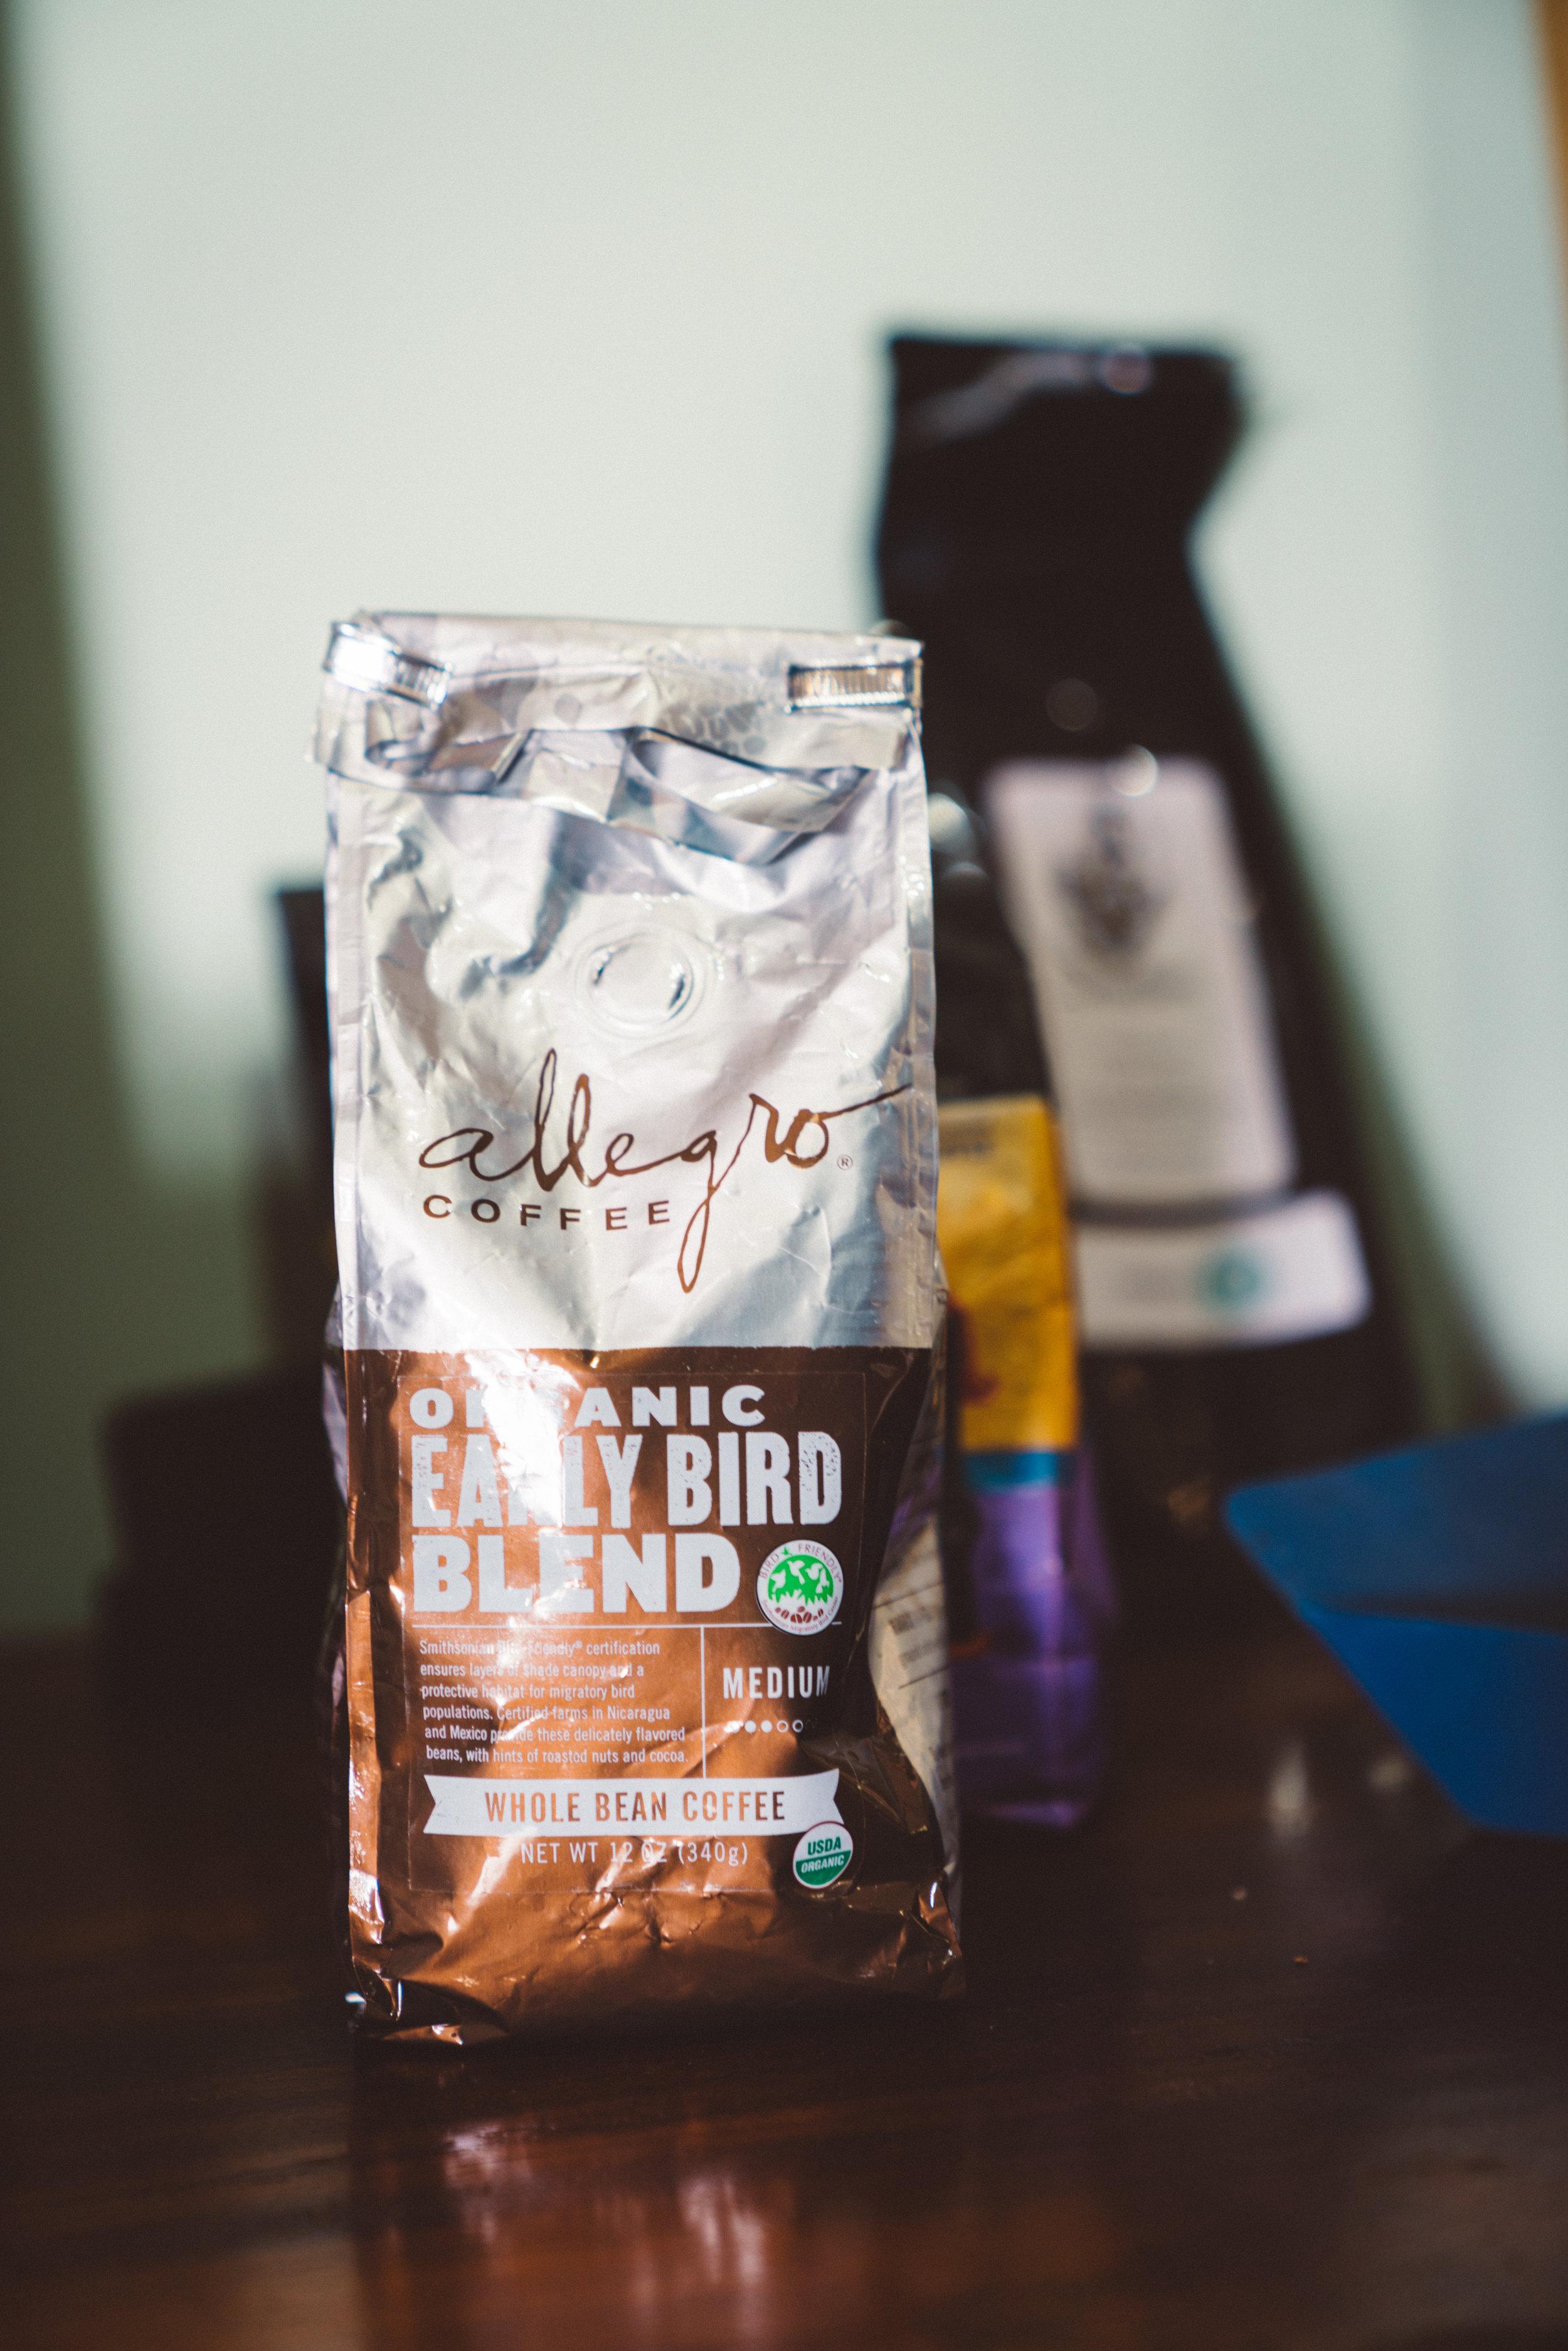 Various brandings of Selva Negra coffee.